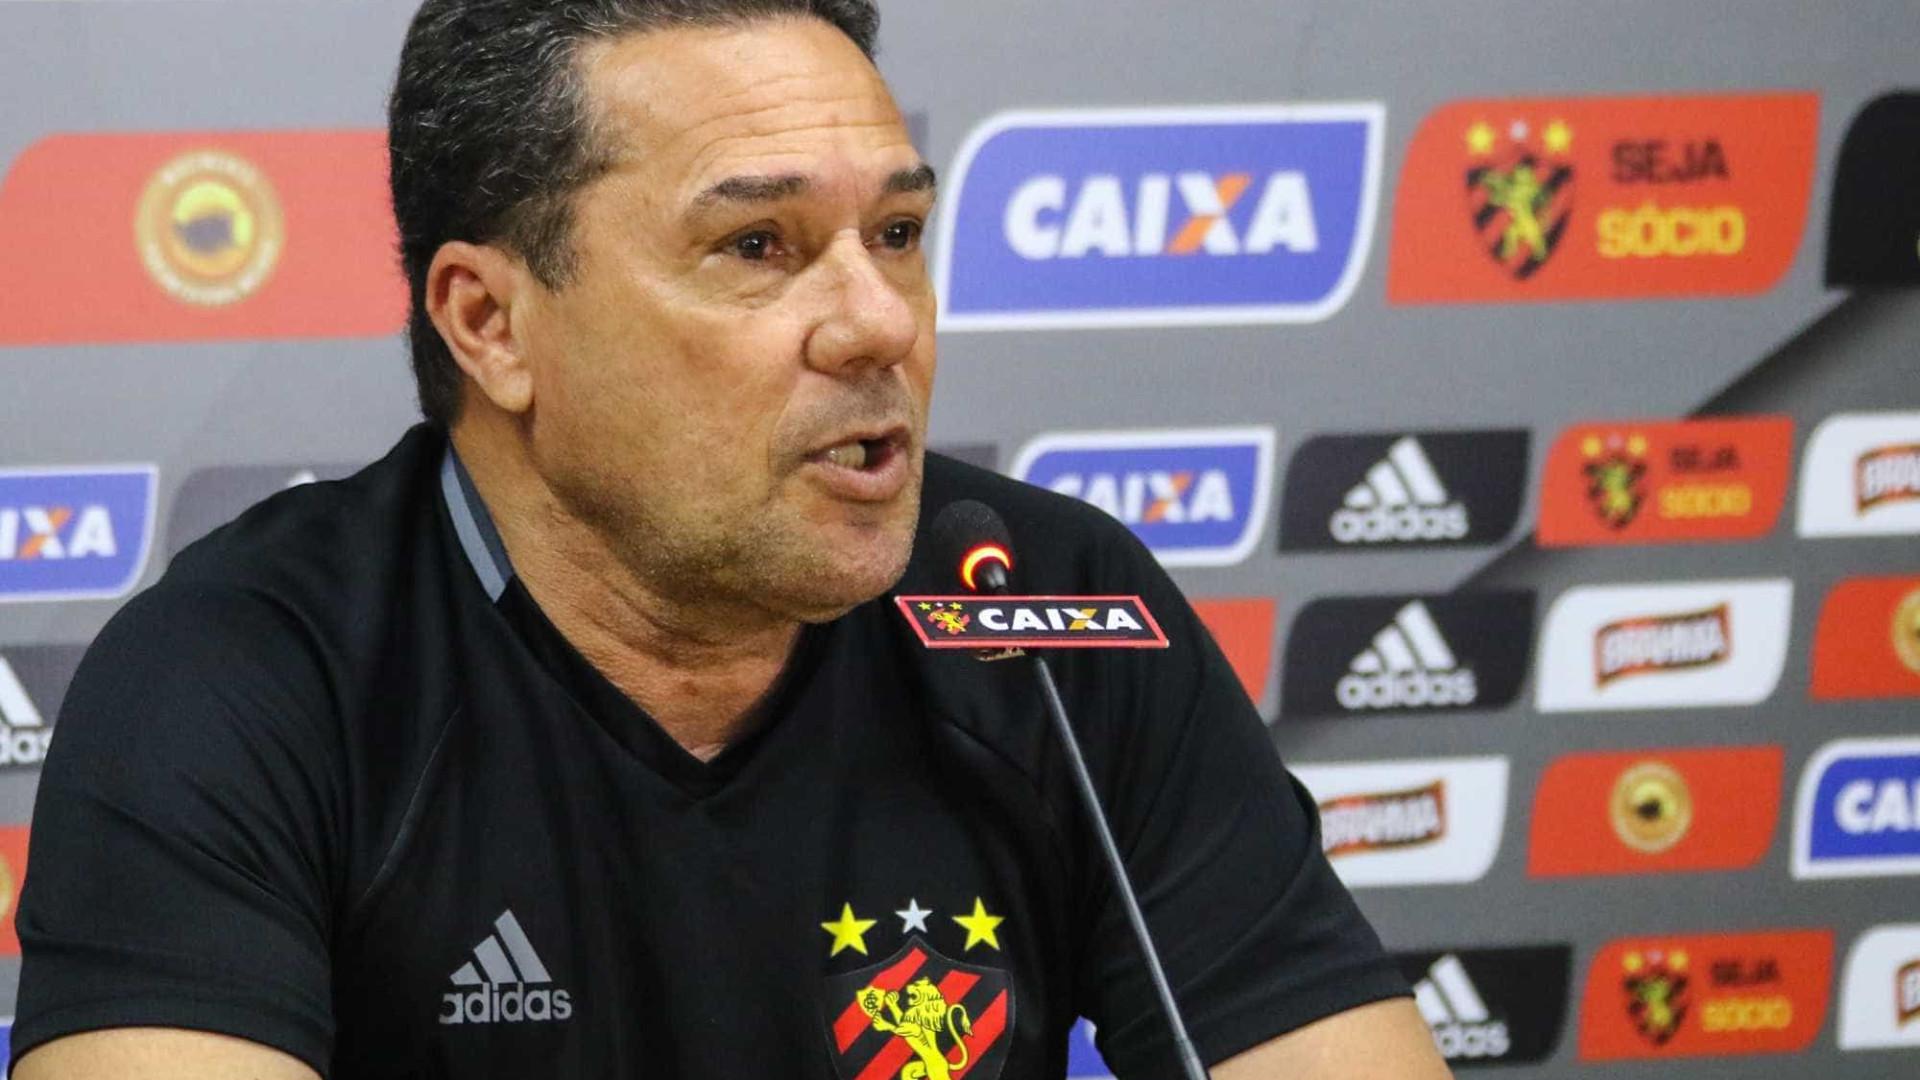 'Futebol não é igreja', diz Luxemburgo ao defender cobranças no Sport